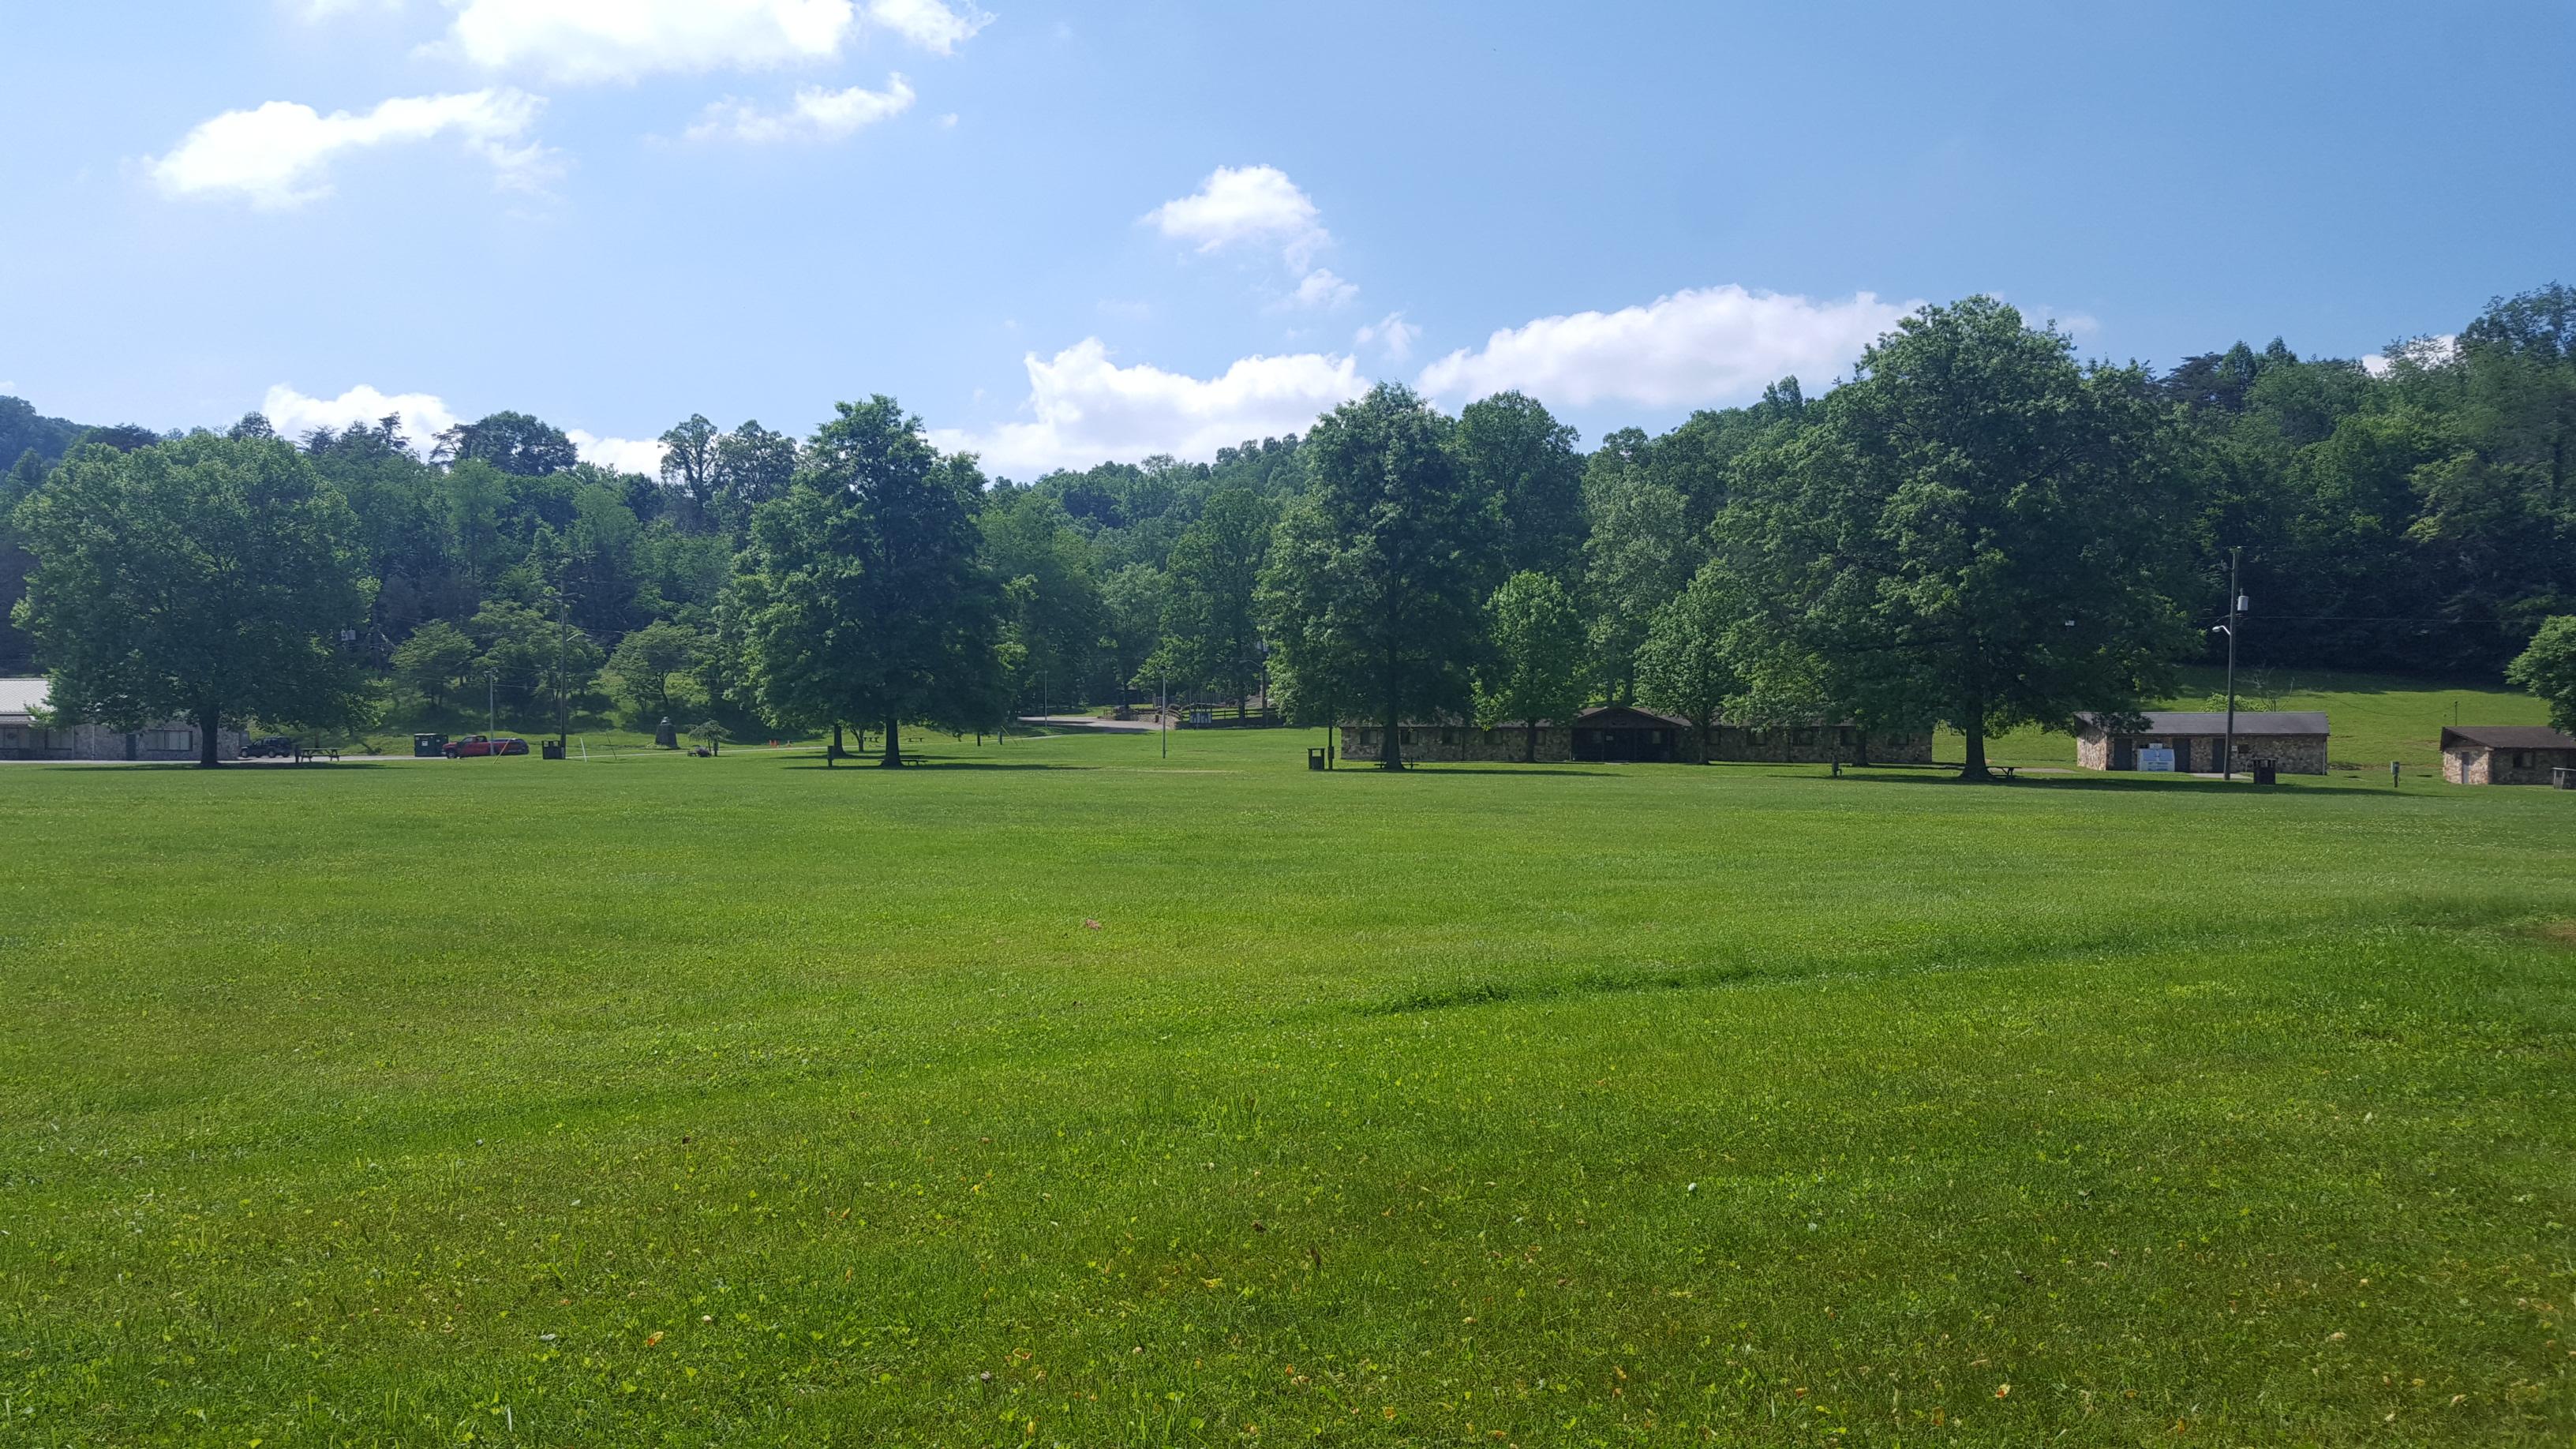 Field 16